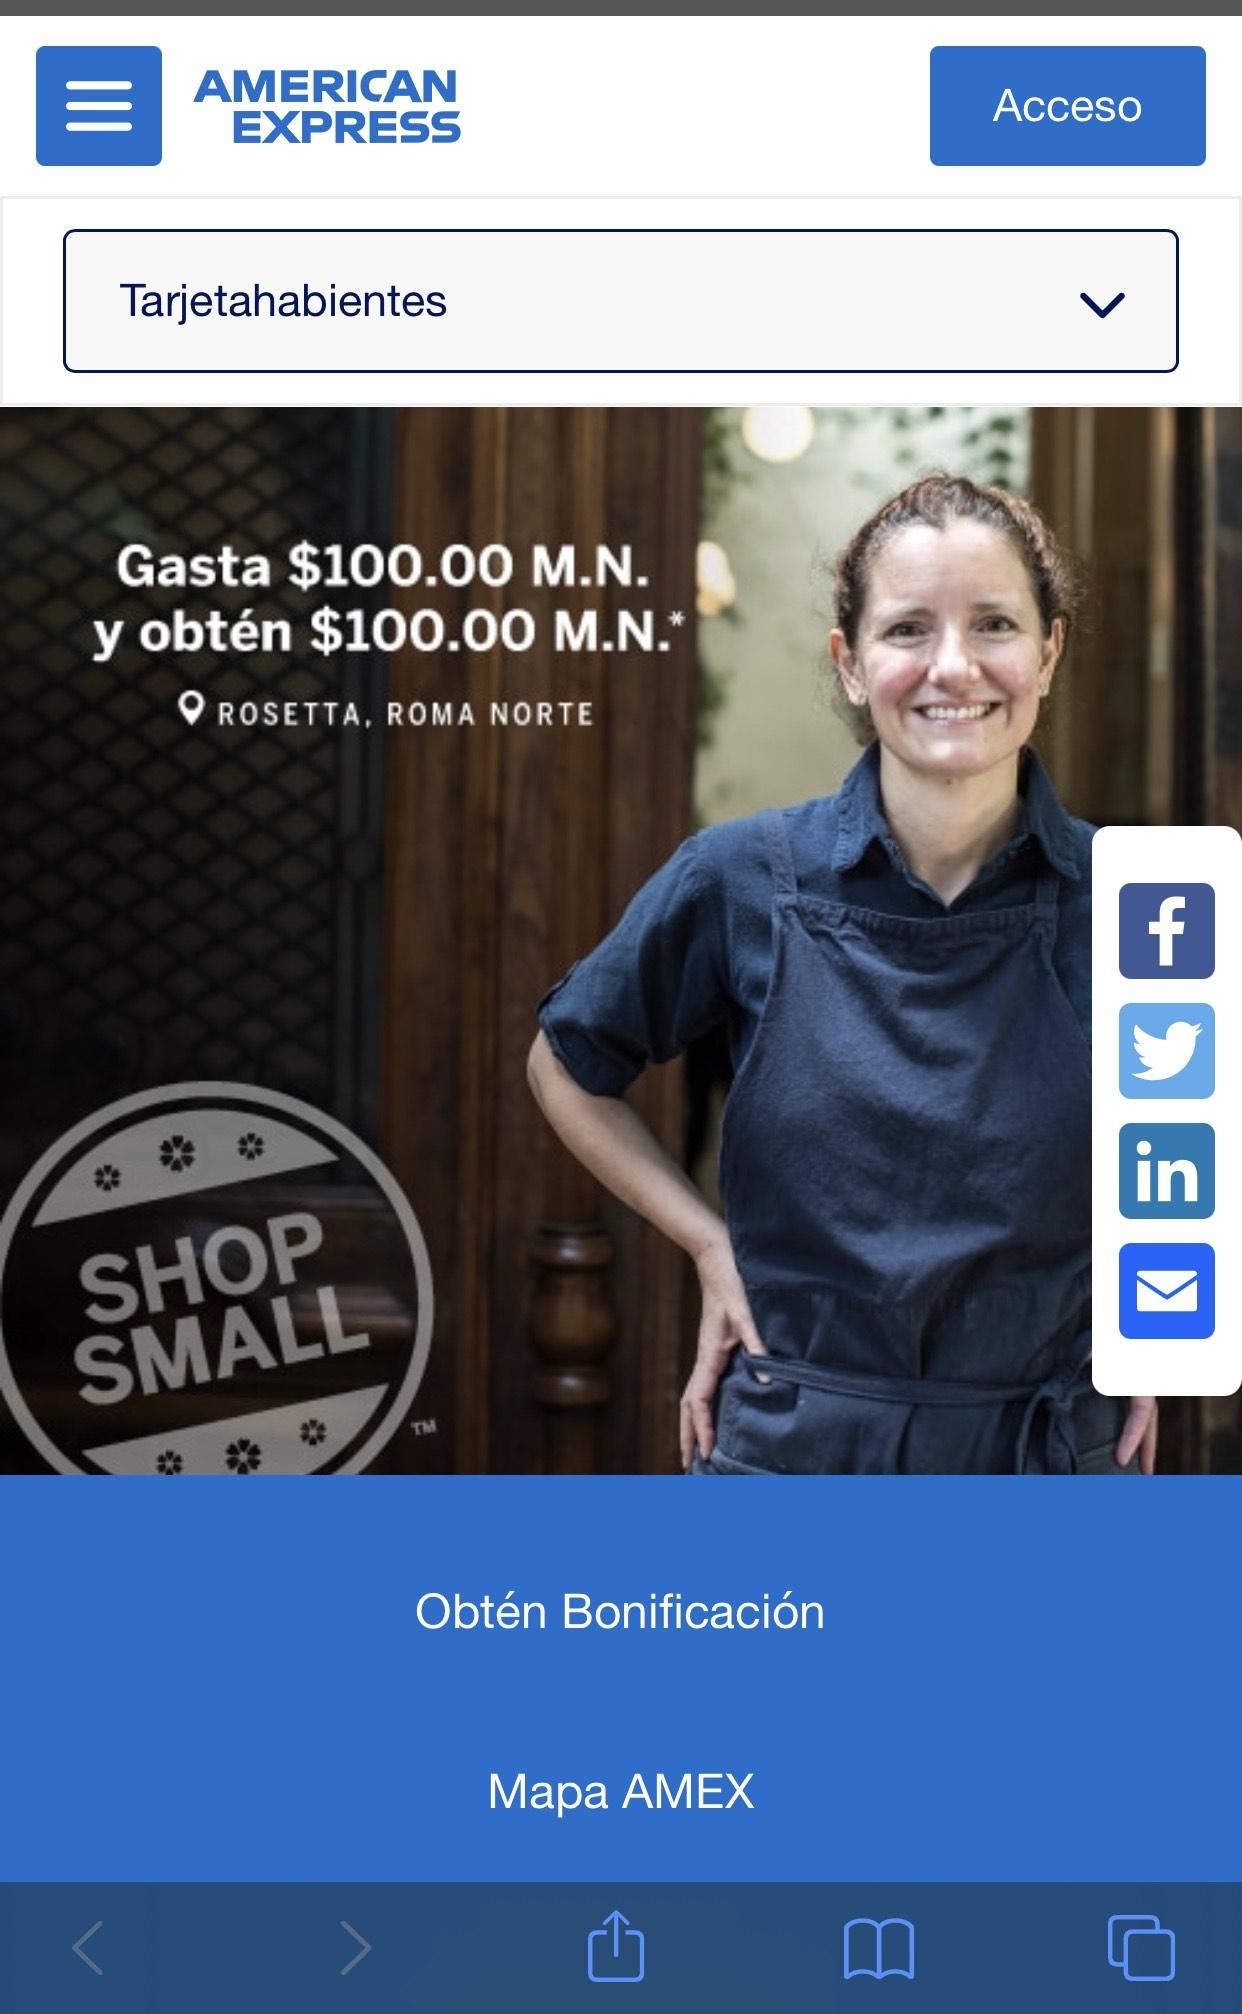 AMEX: Gasta $100, recibe $100. Apoyando a pequeños negocios SHOP SMALL.